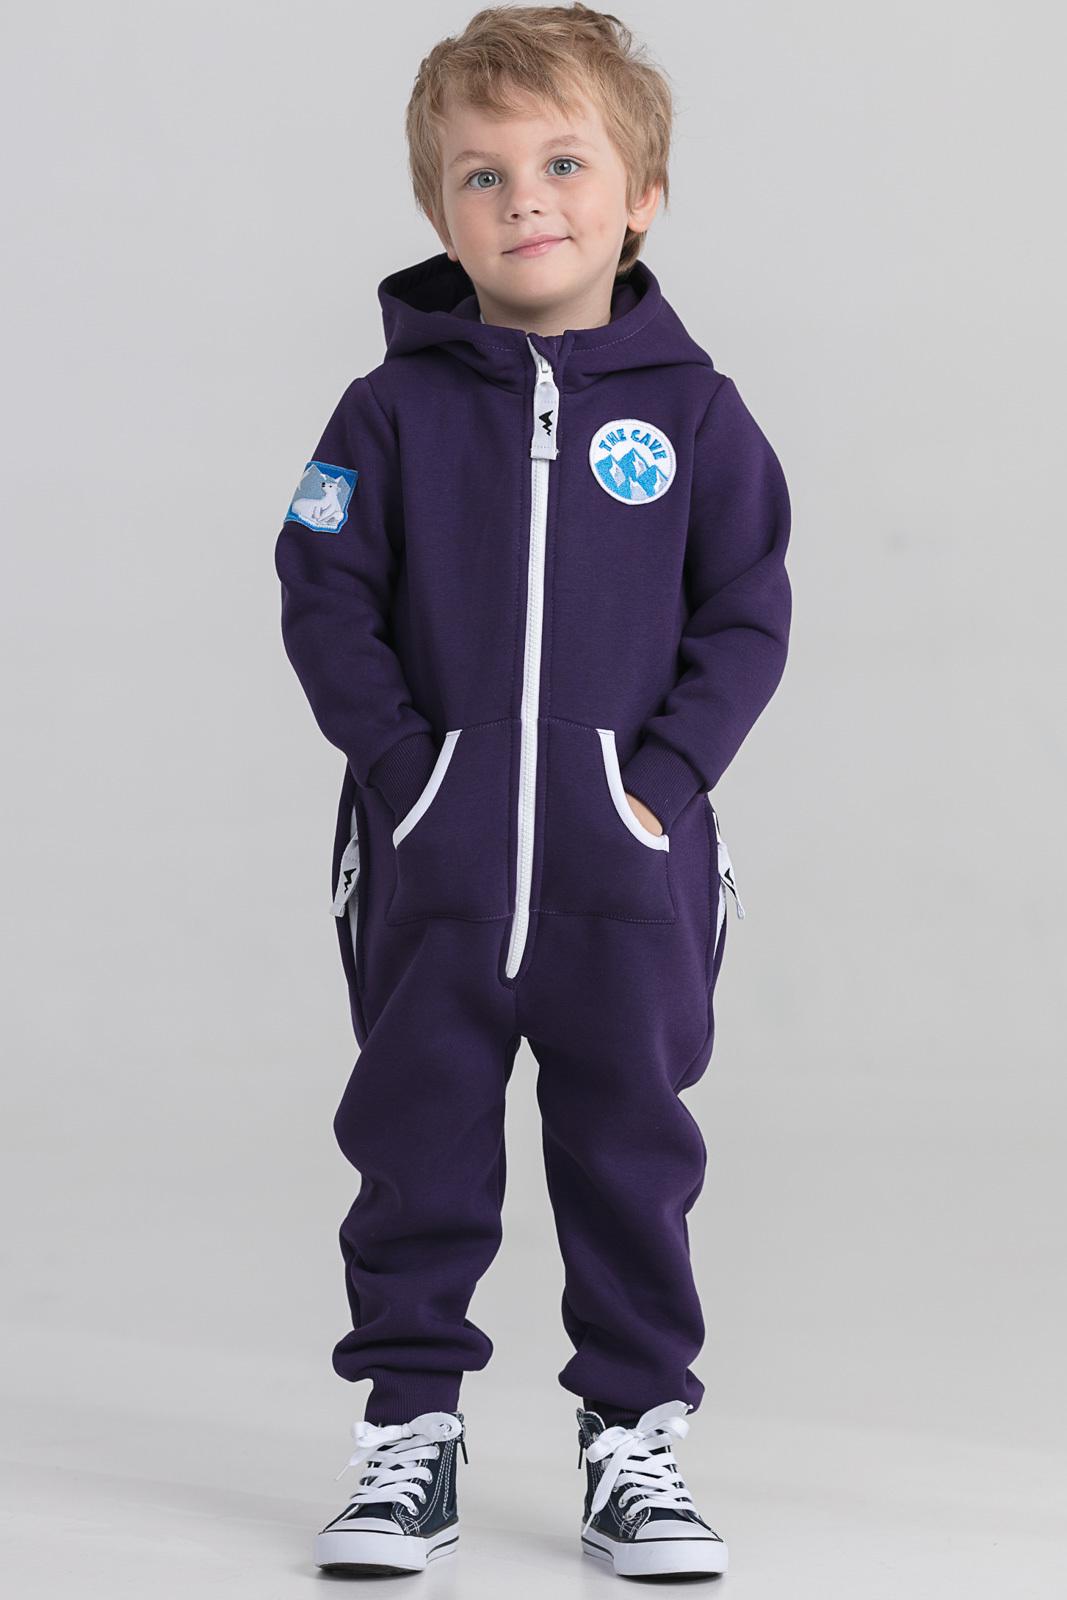 Детская домашняя одежда The Cave Детский комбинезон Darrel Цвет: Фиолетовый (3-4 года)